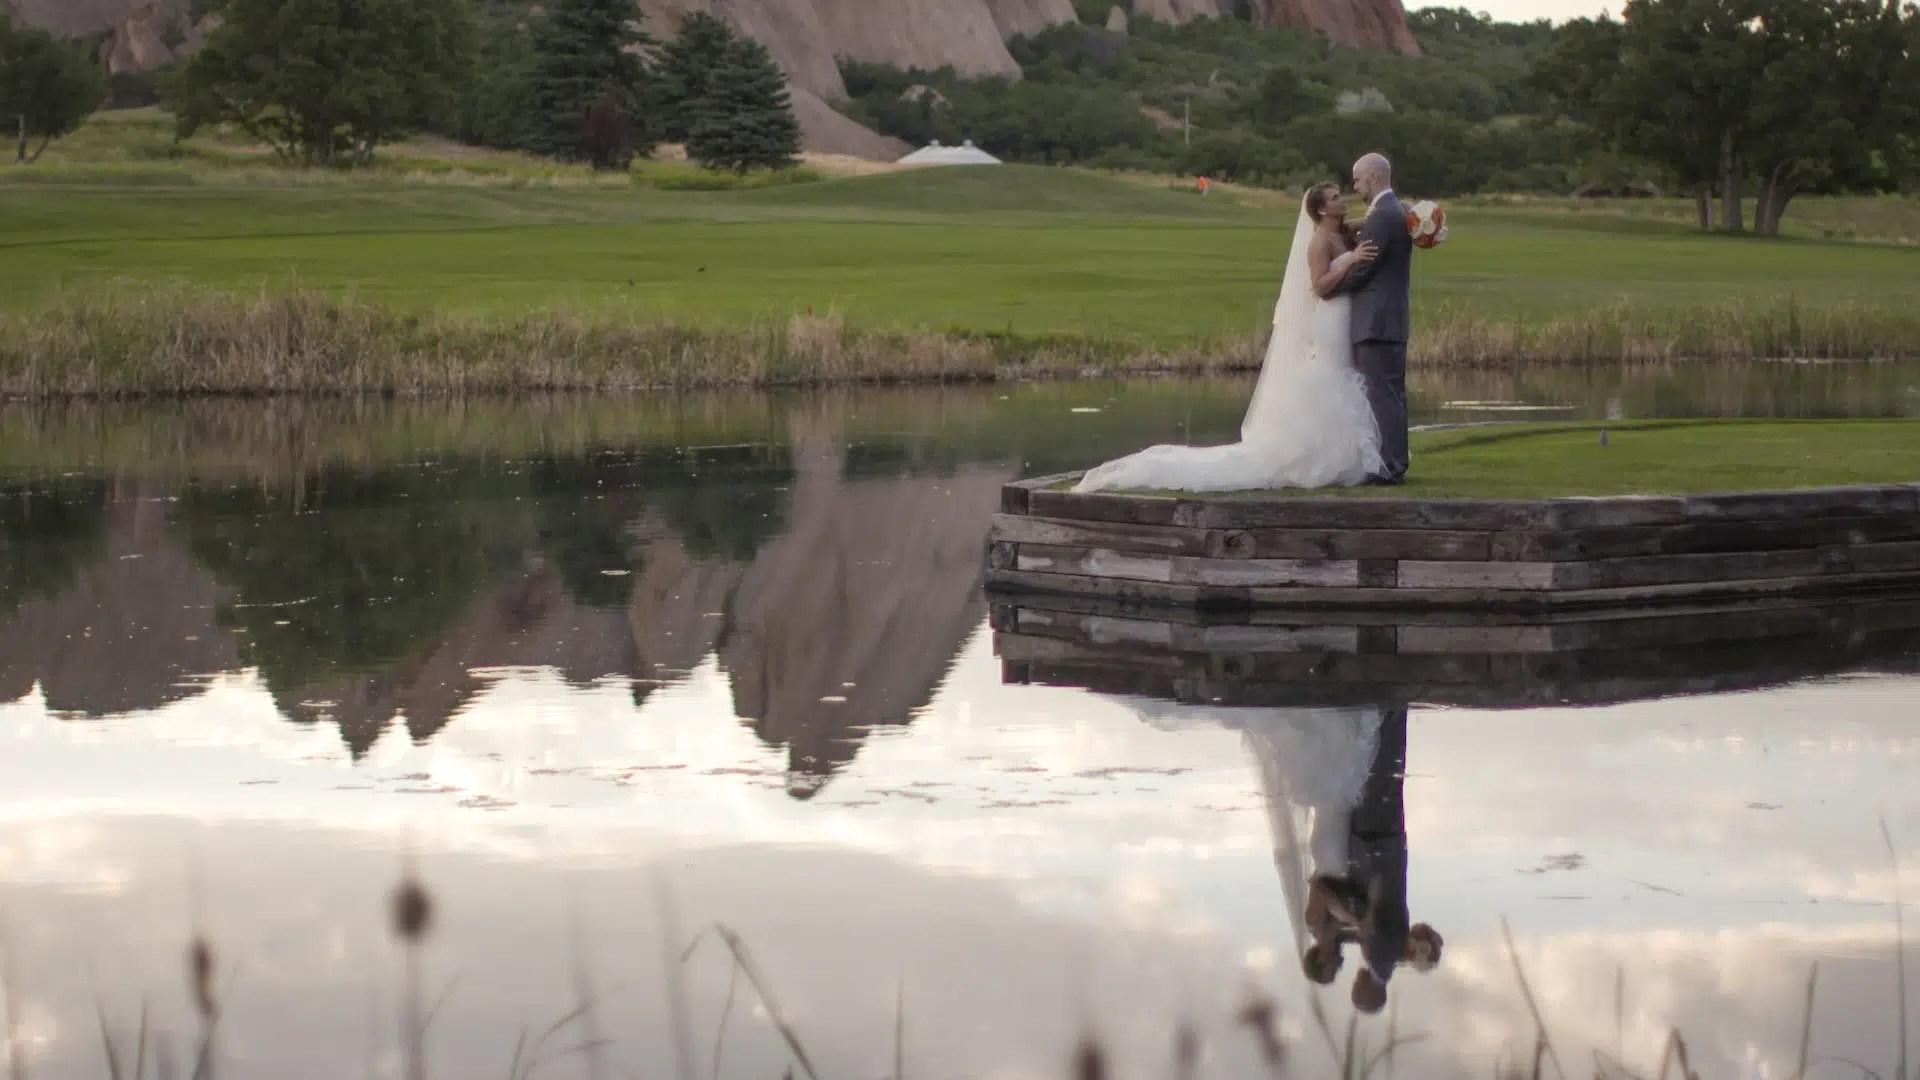 Patzer-Anderson Wedding Stills